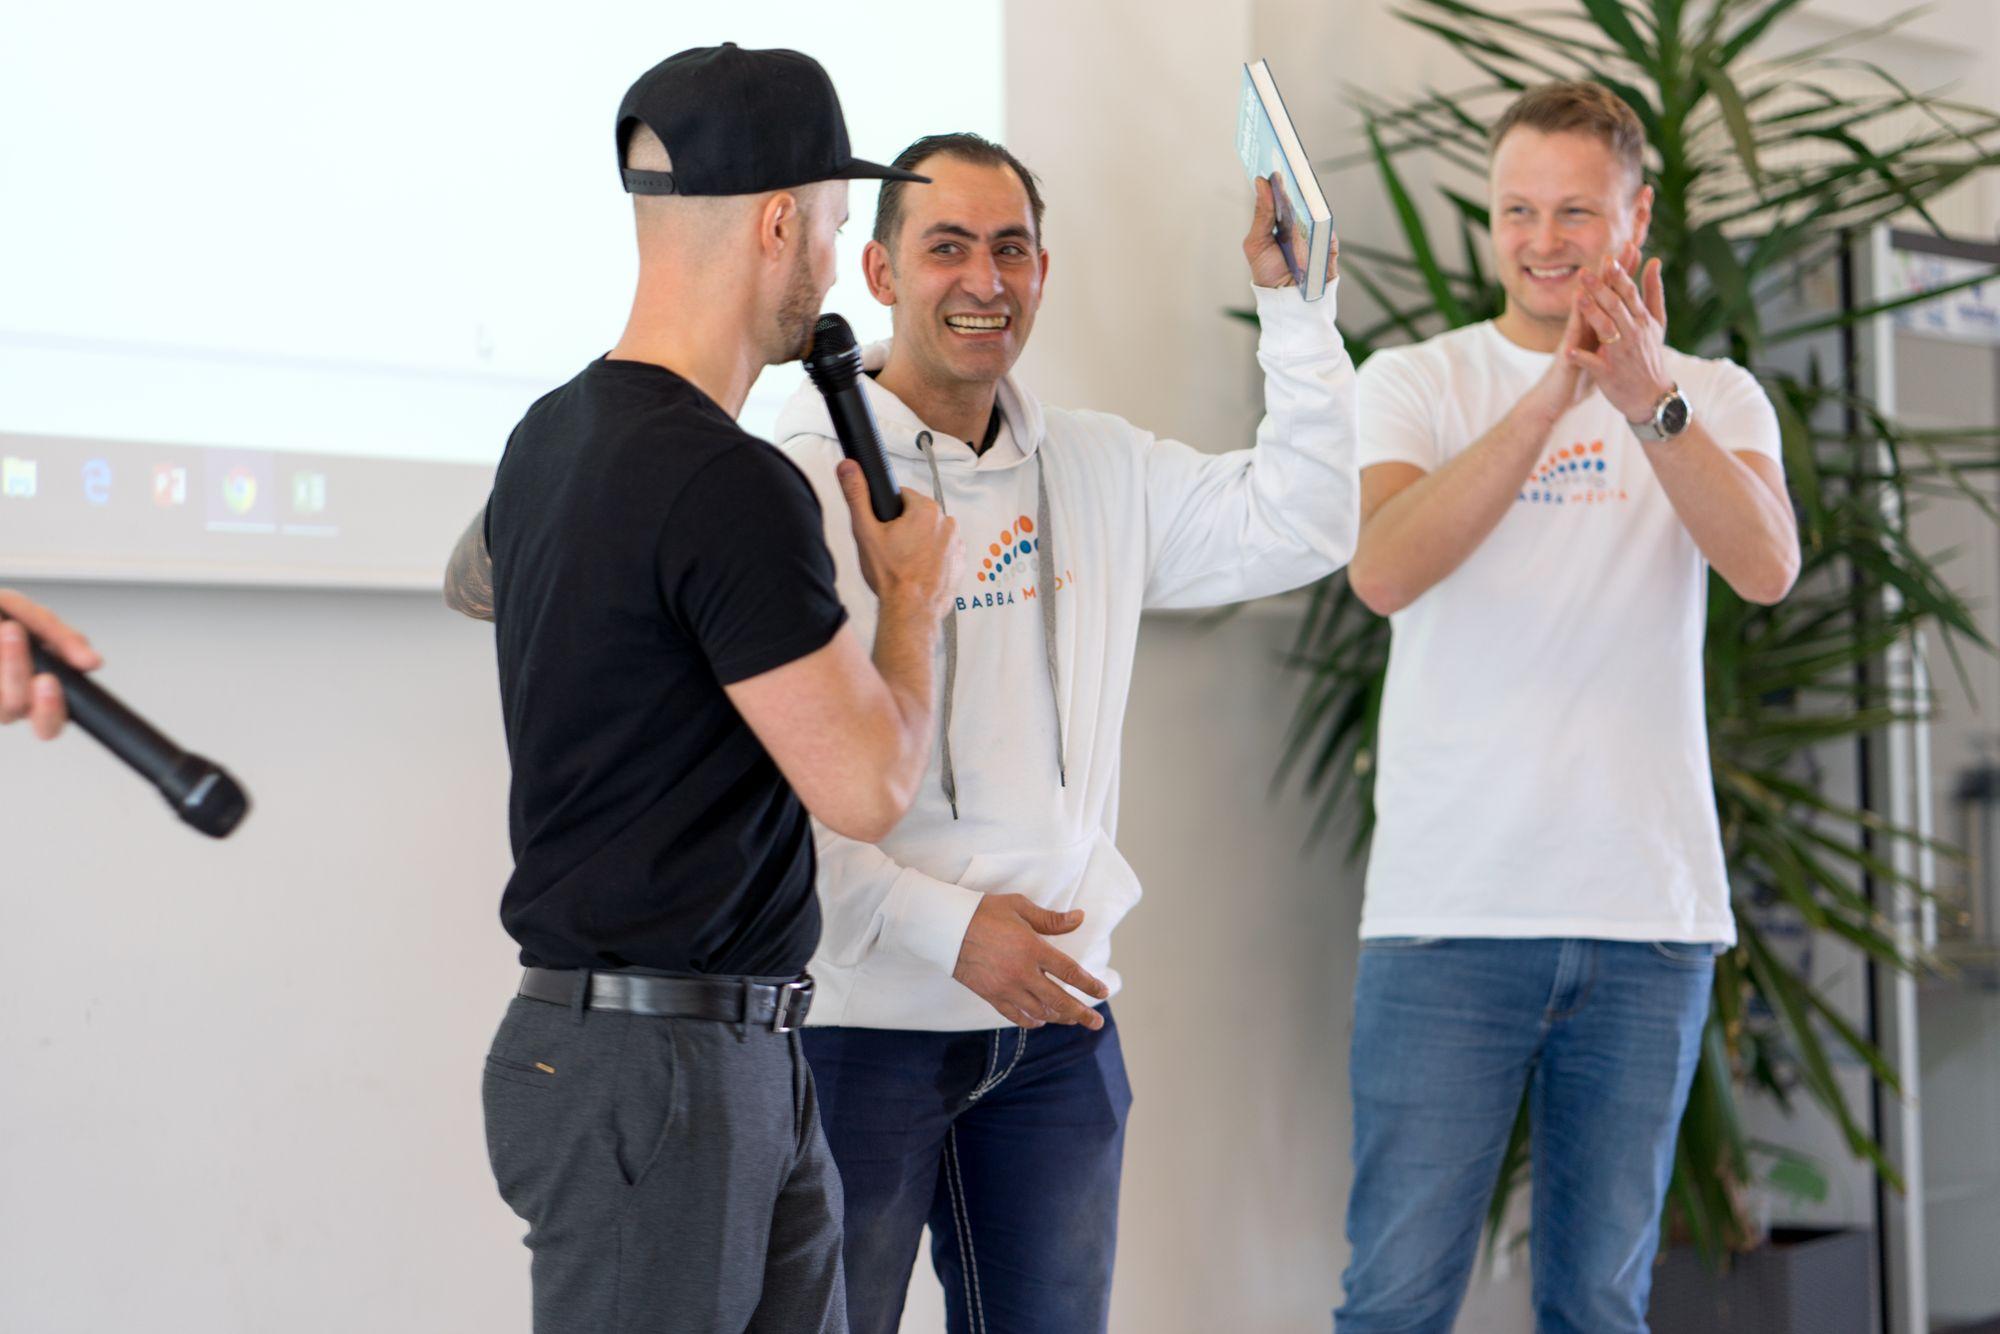 Ehrung von Peter Oertwig durch Daniel Hauber und Stefan Beier auf dem Babba Business Day 2019 in Großostheim